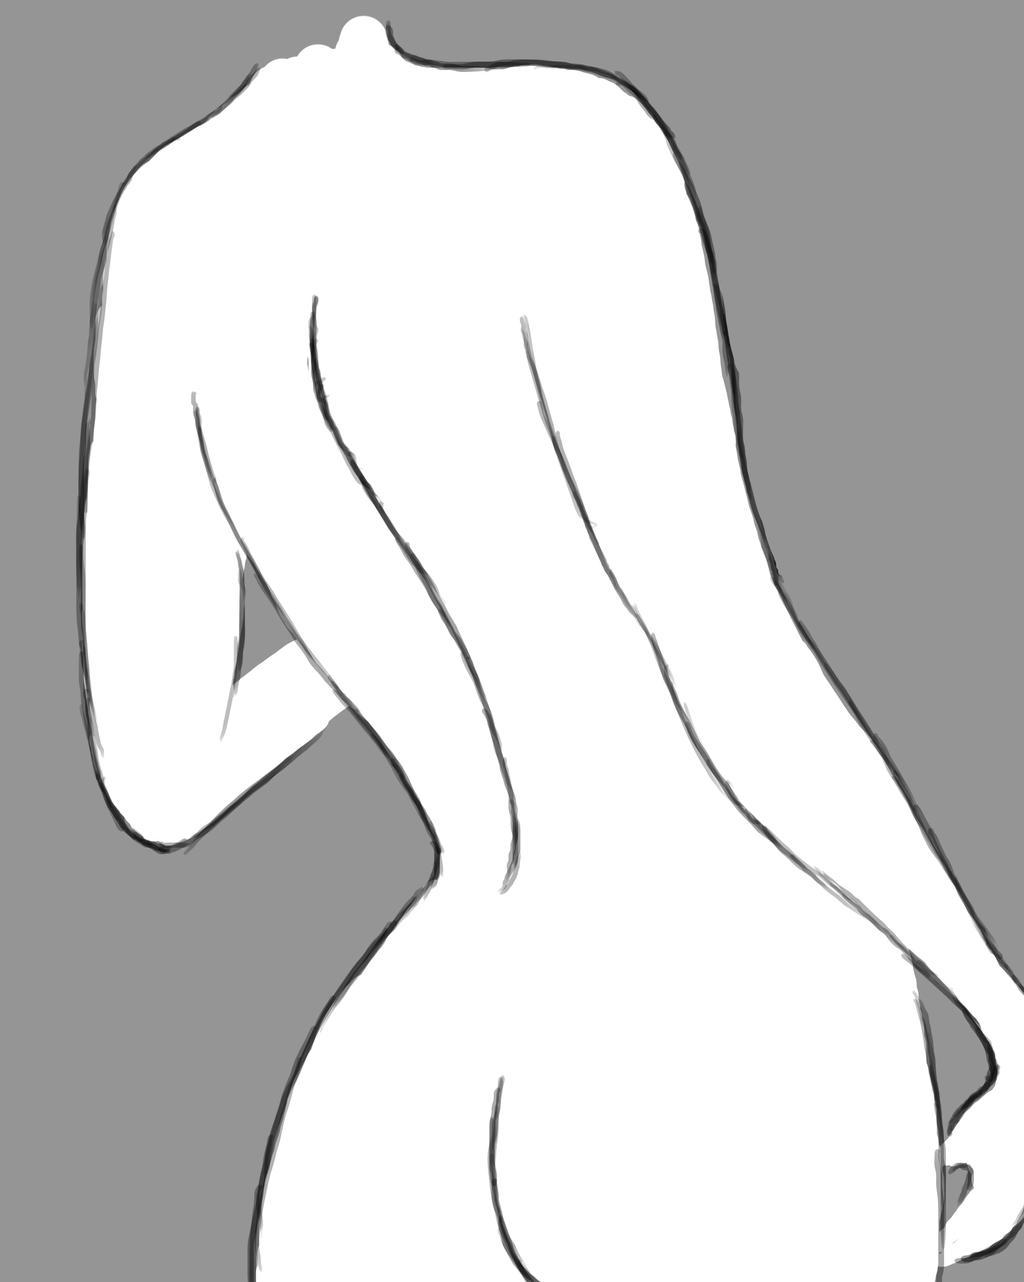 Feminine Daily sketch #853 by GothicVampireFreak